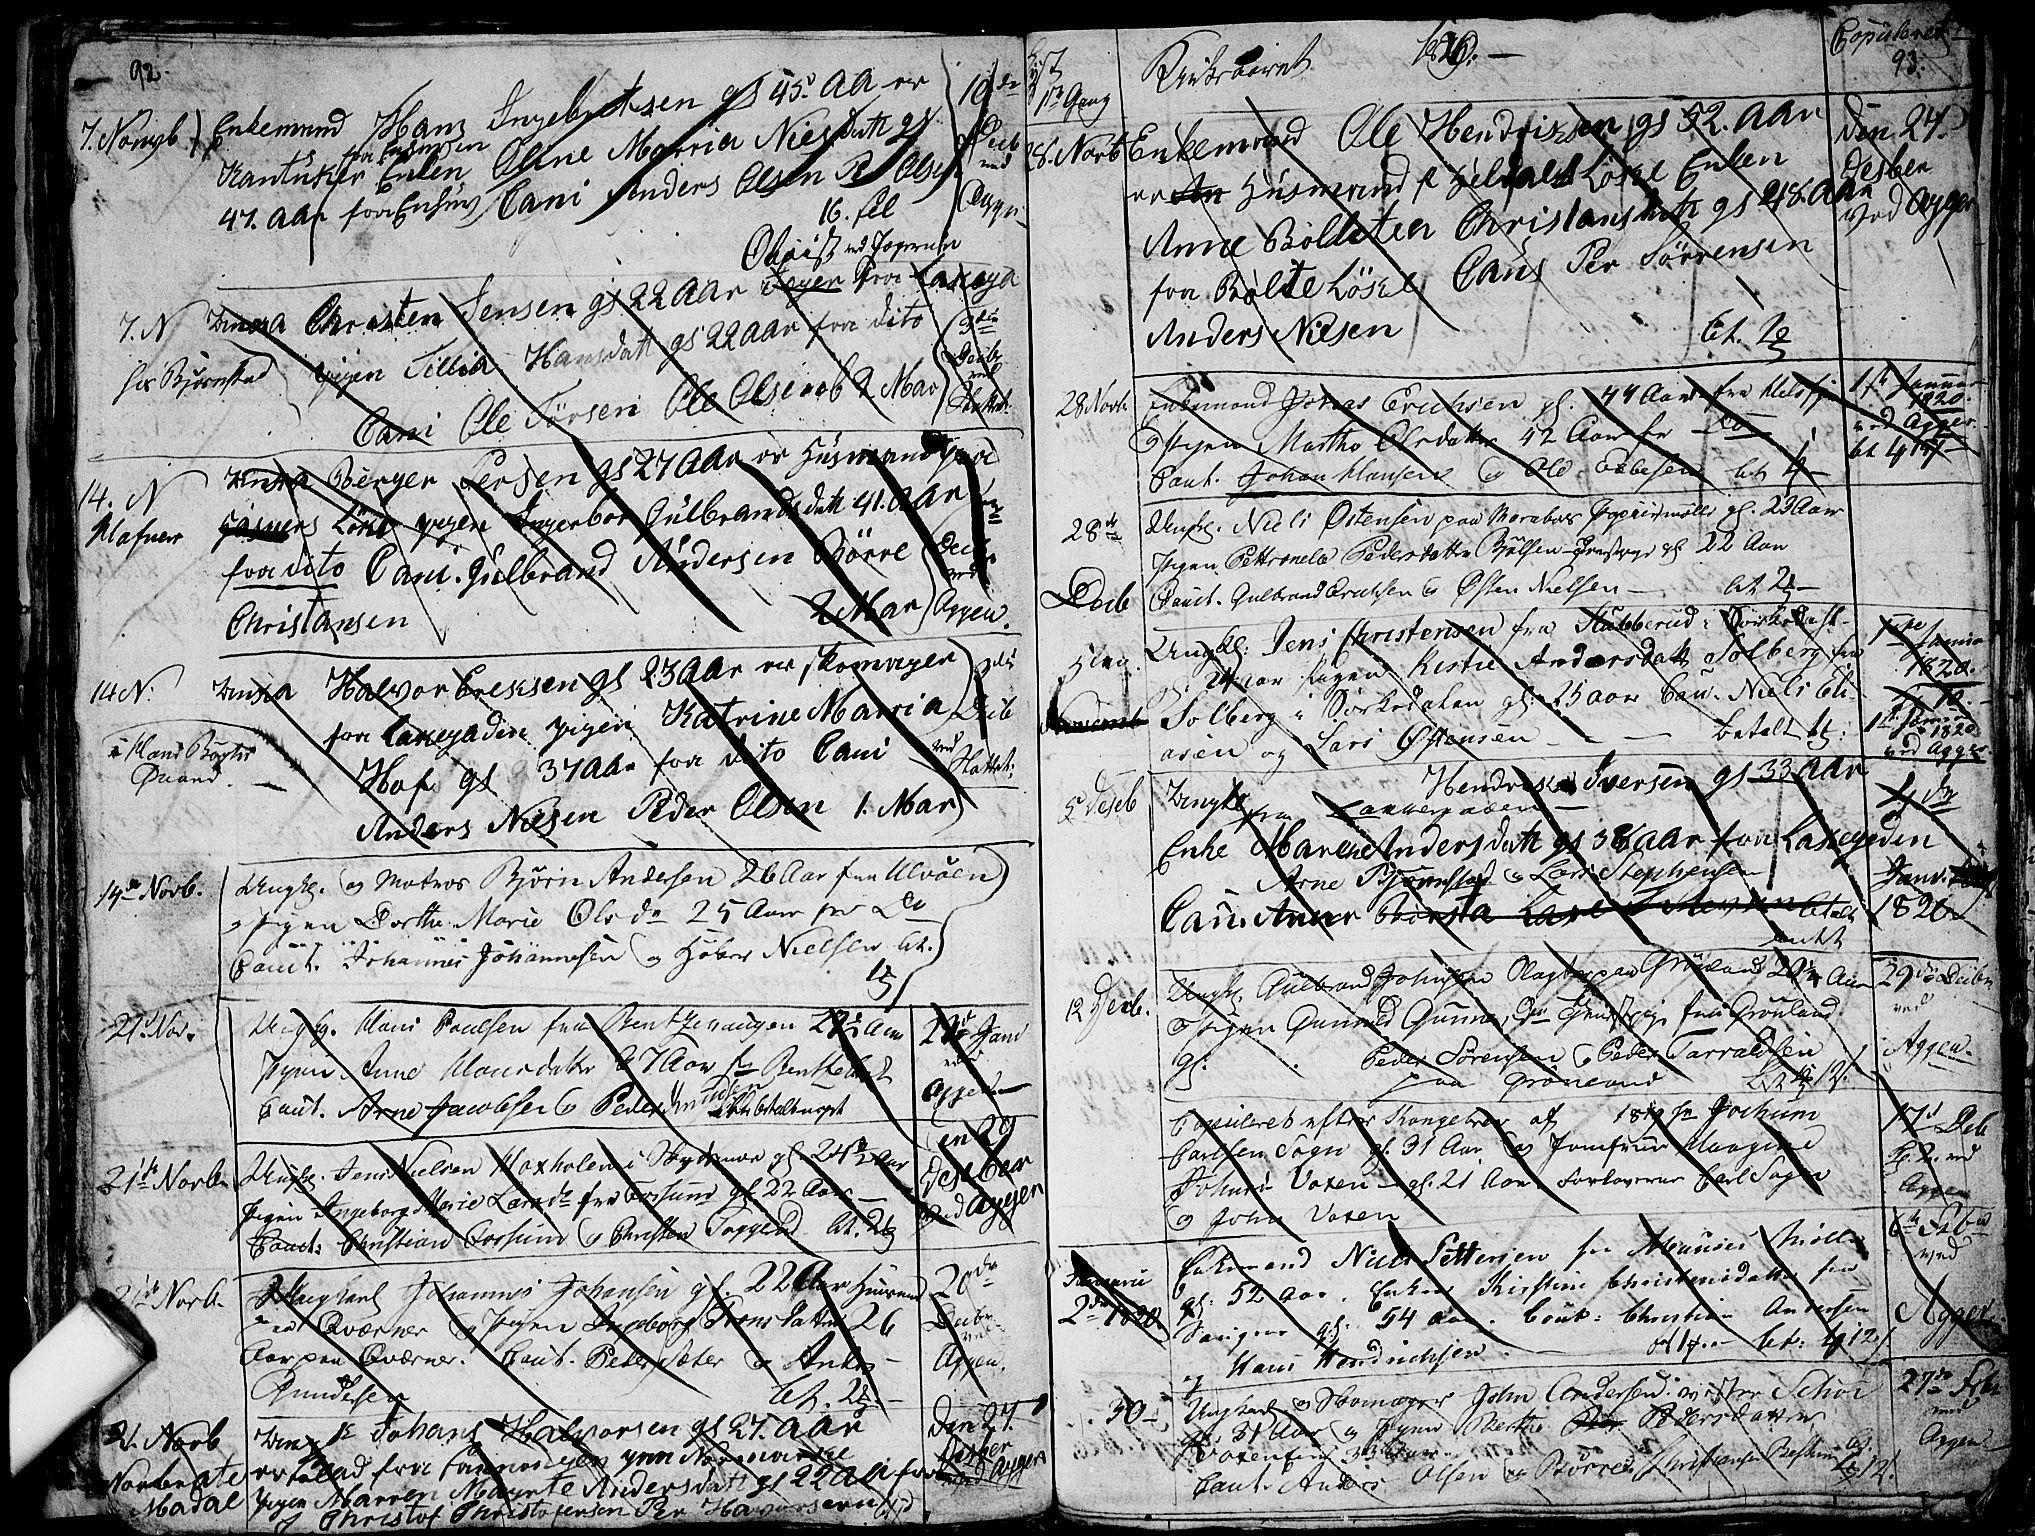 SAO, Aker prestekontor kirkebøker, G/L0001: Klokkerbok nr. 1, 1796-1826, s. 92-93